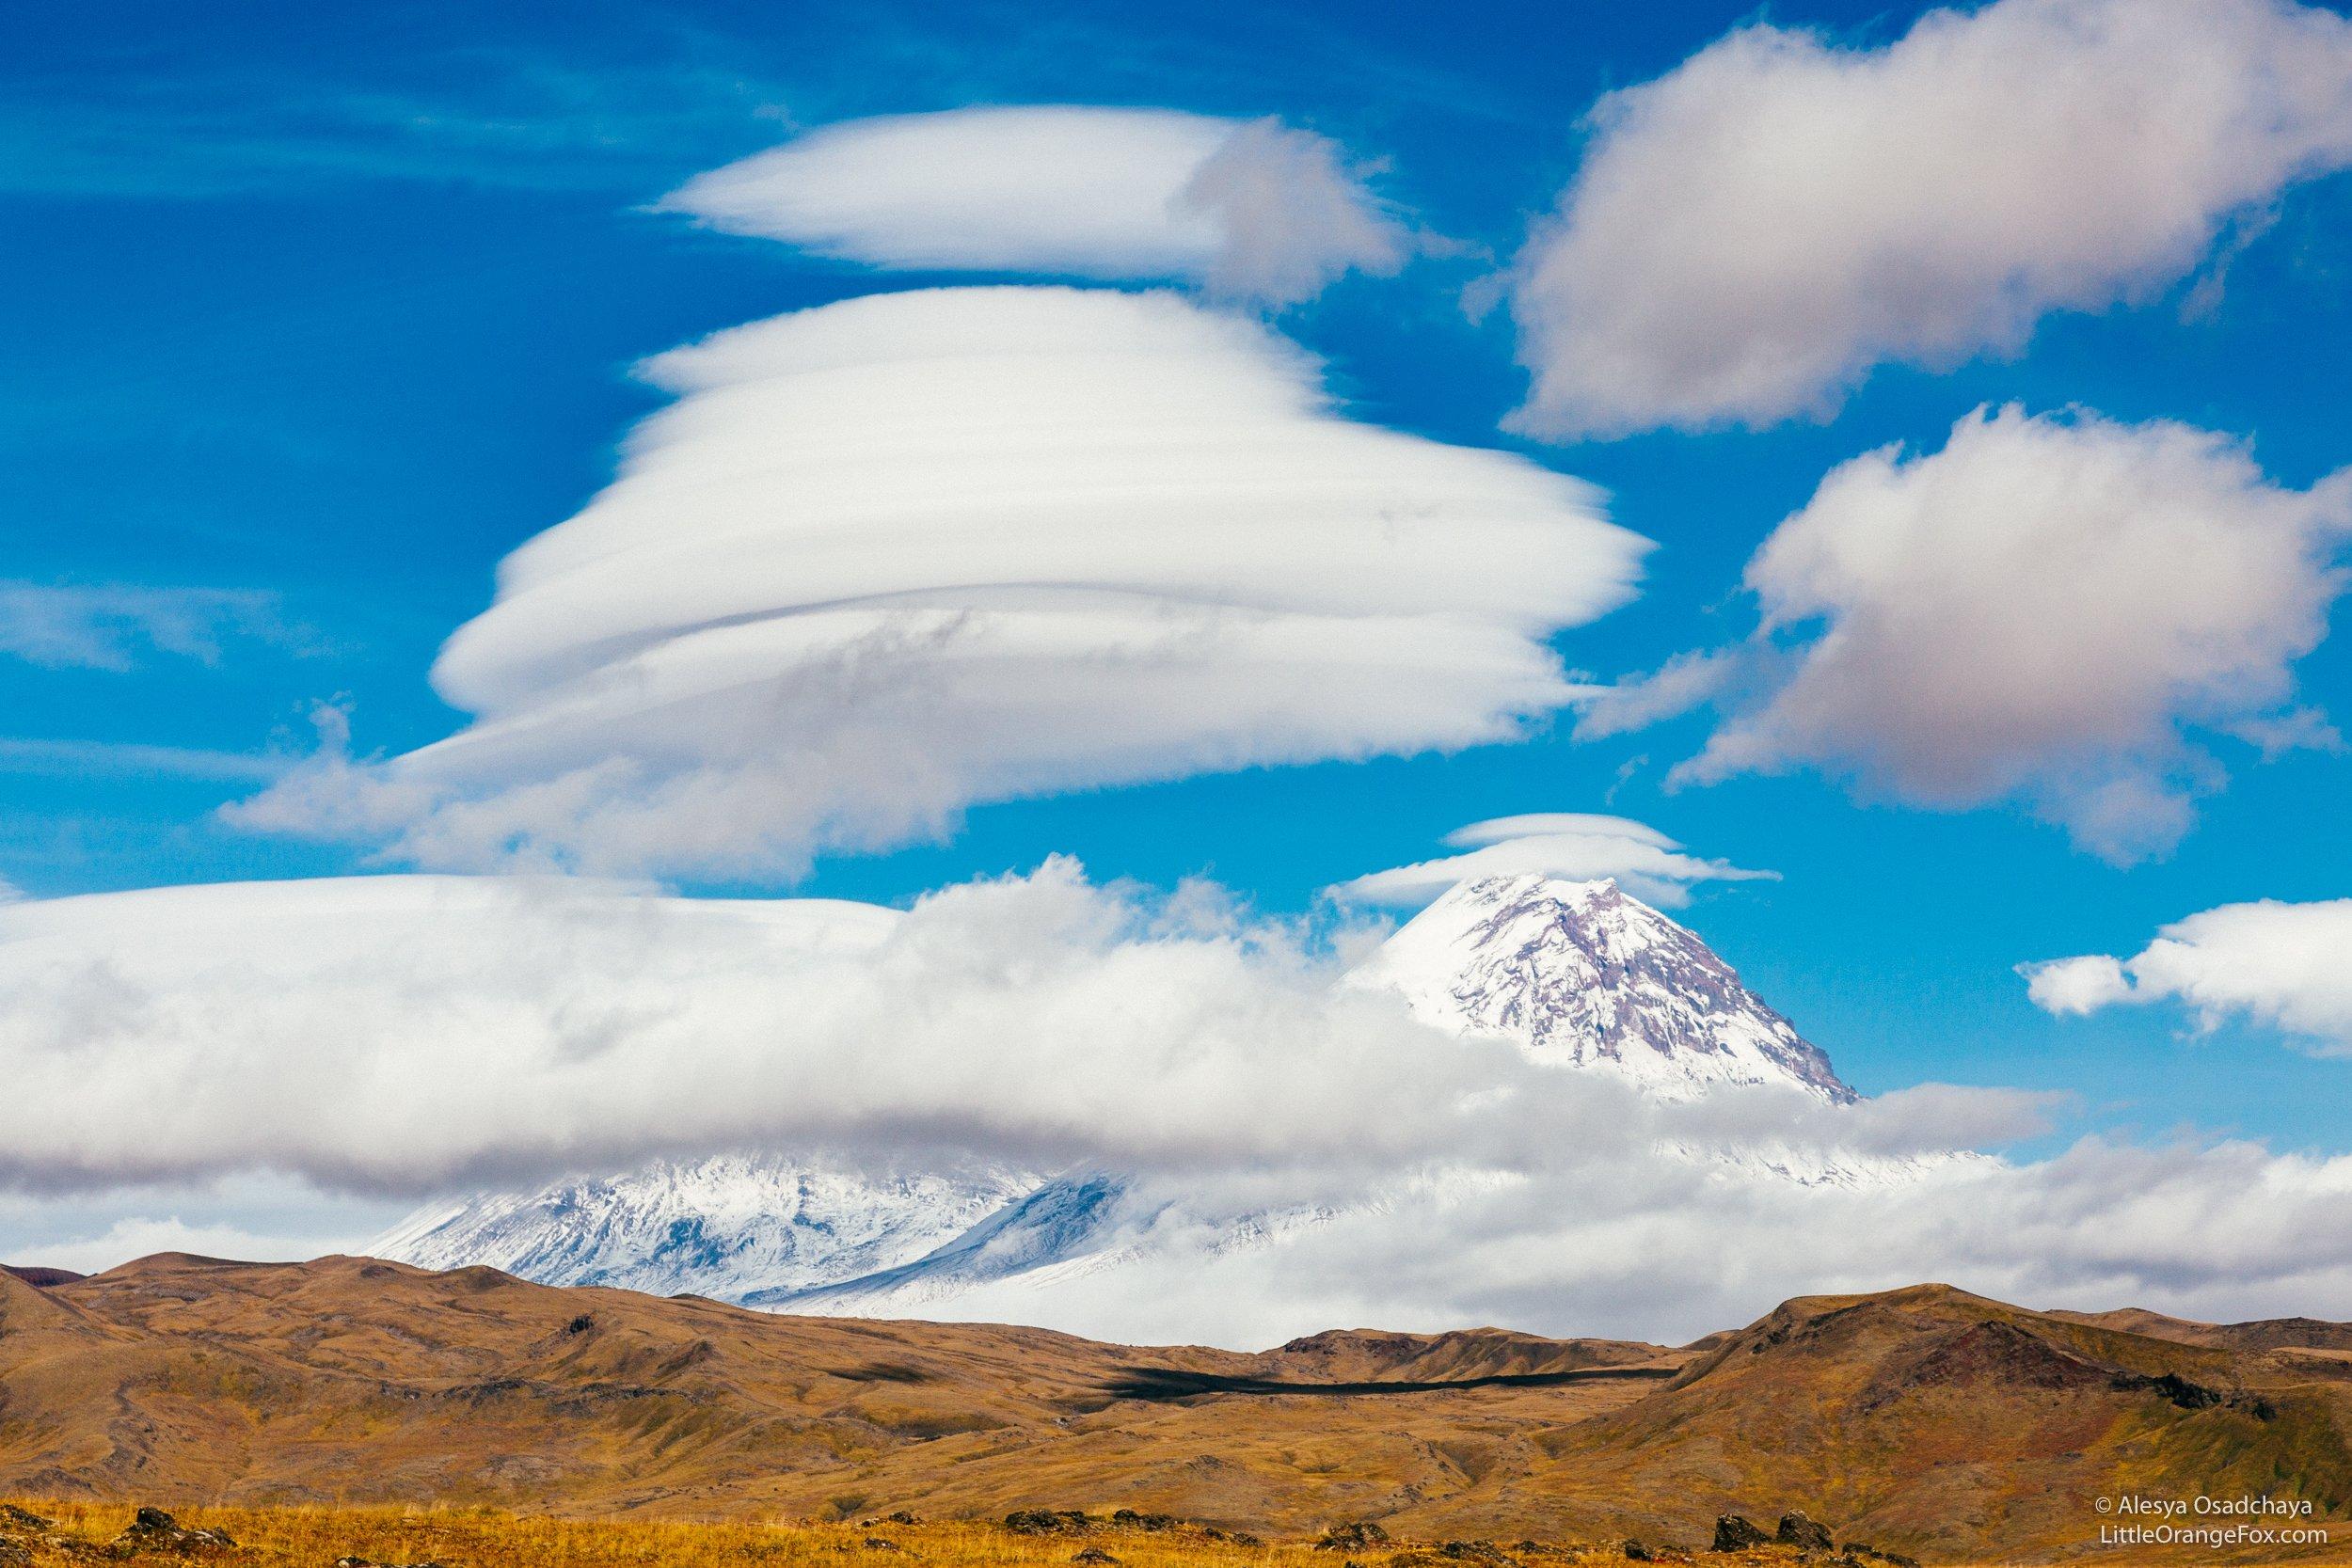 камчатка, вулканы, облака, лентикулярные облака, ключевская сопка, пейзаж, осень, россия, Осадчая Алеся